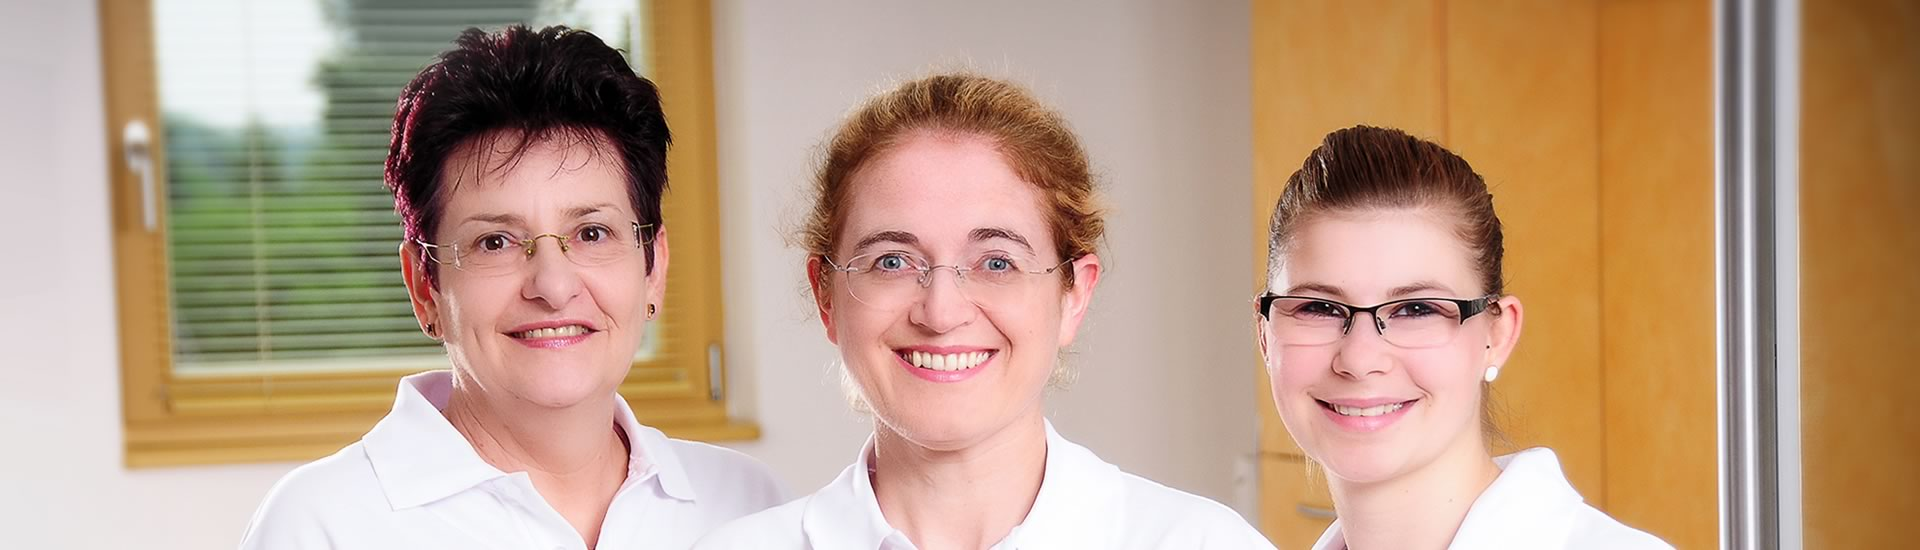 Herzlich willkommen - Dr. Grit Walz